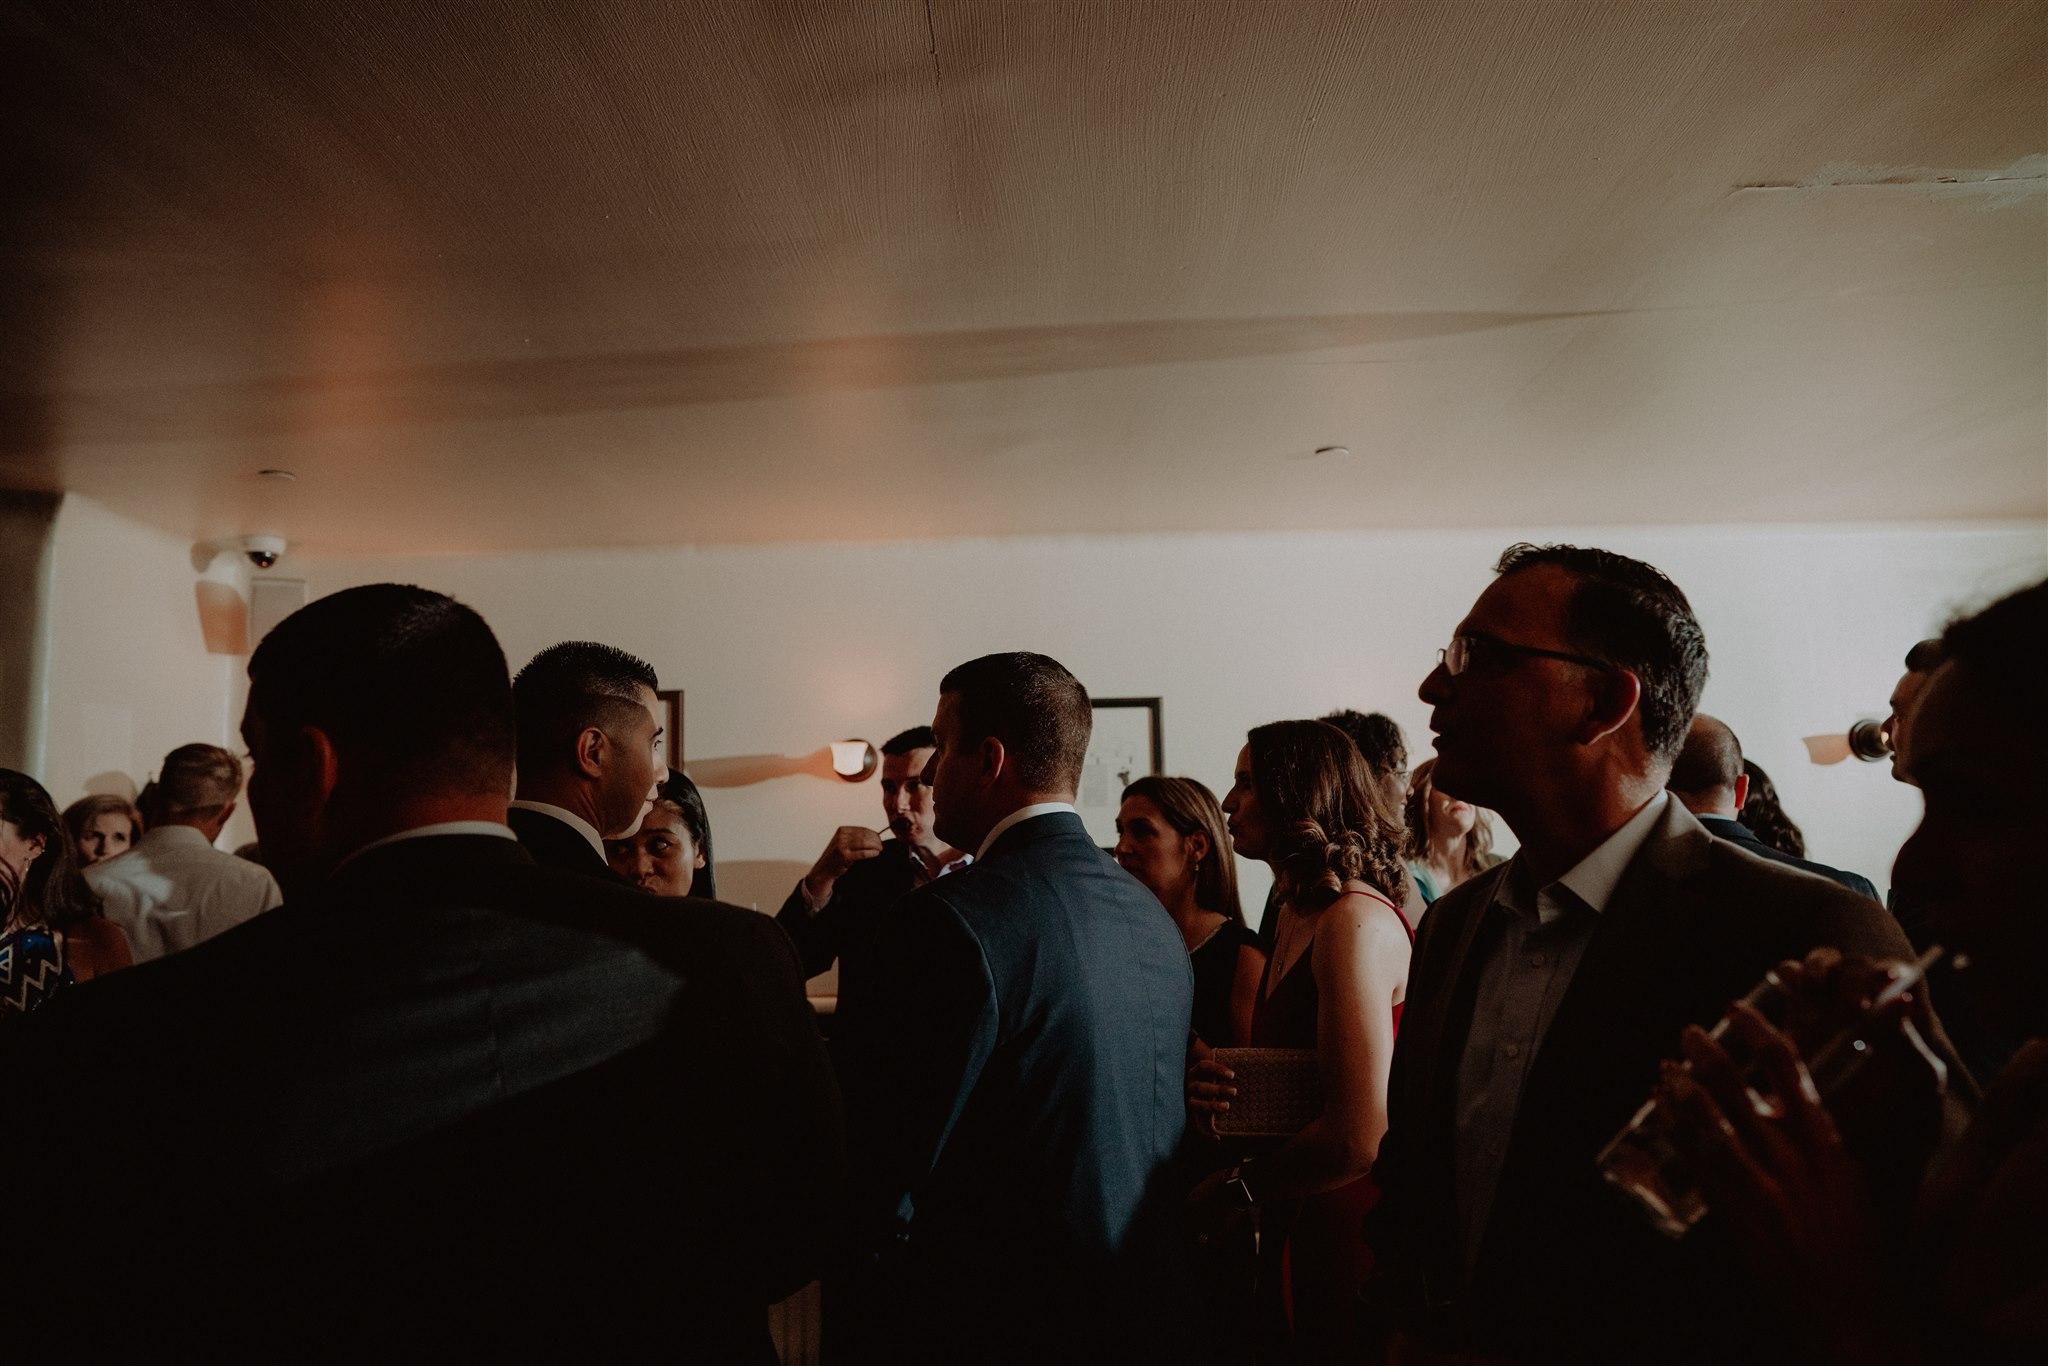 Chellise_Michael_Photography_Ramona_Brooklyn_Wedding_Photographer-461.jpg